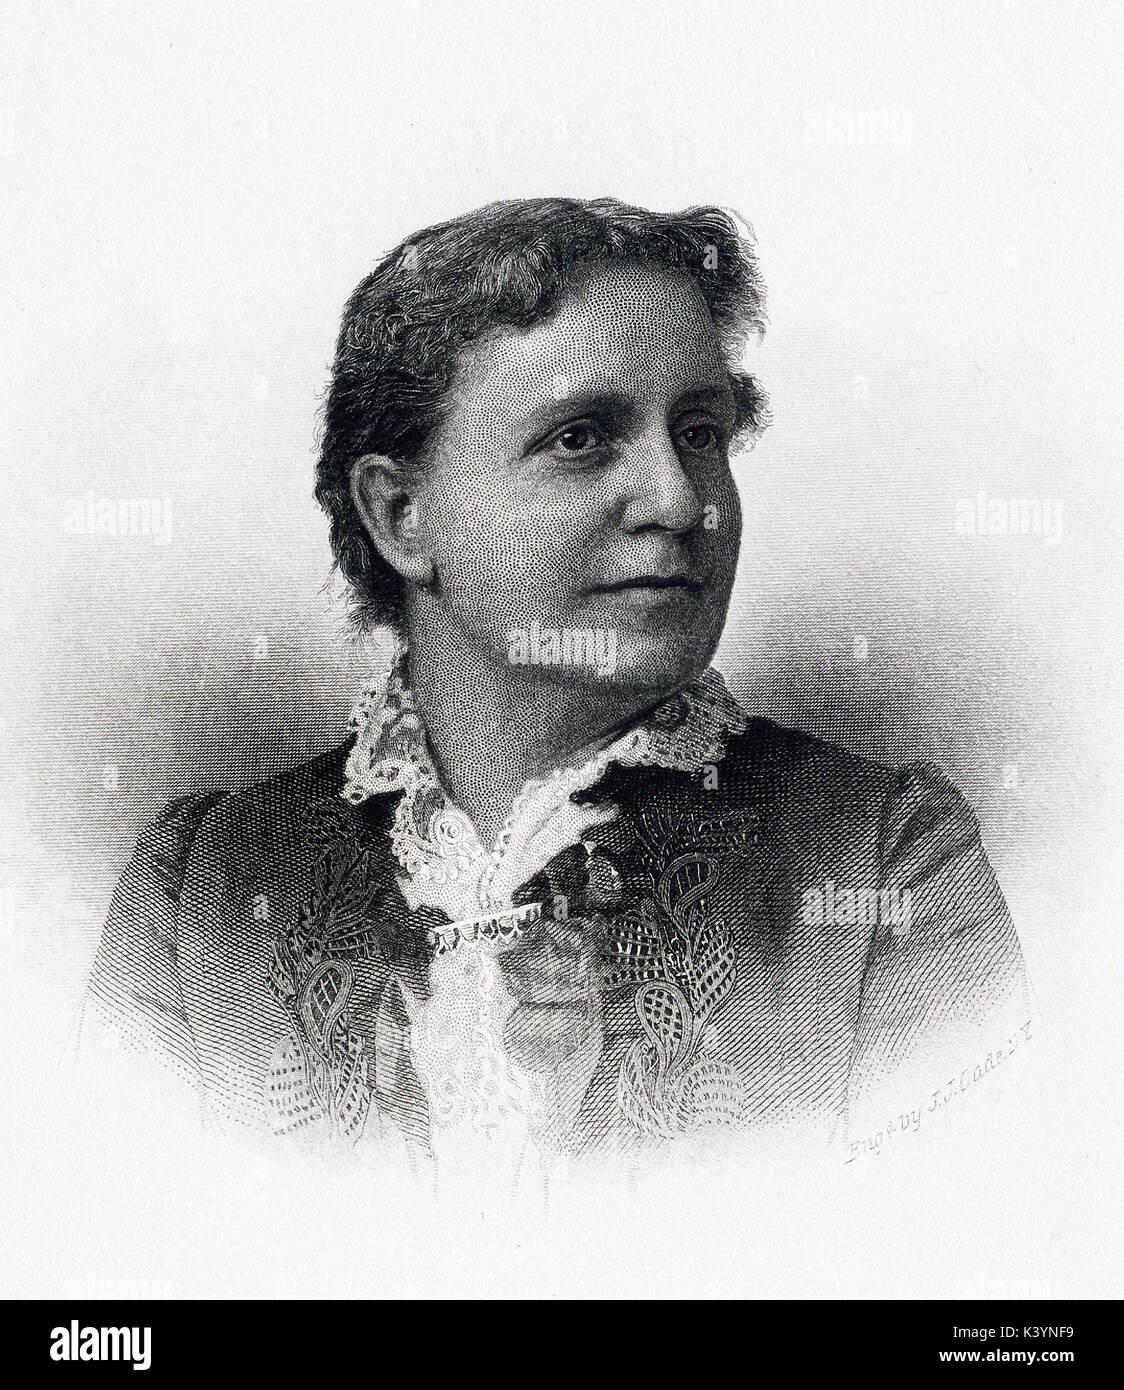 Este late 19th-century ilustración muestra Helen Campbell el título reza: atentamente, Helen Campbell. Fue grabado Foto de stock